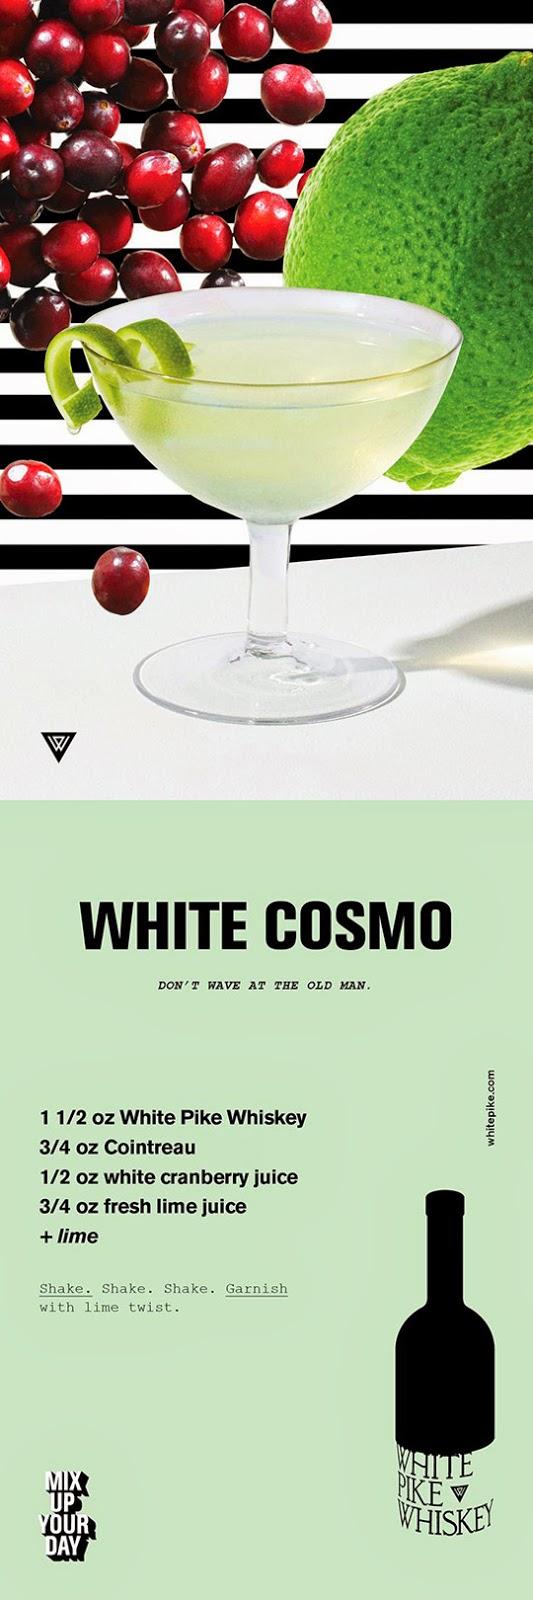 White Pike White Cosmo Recipe Card